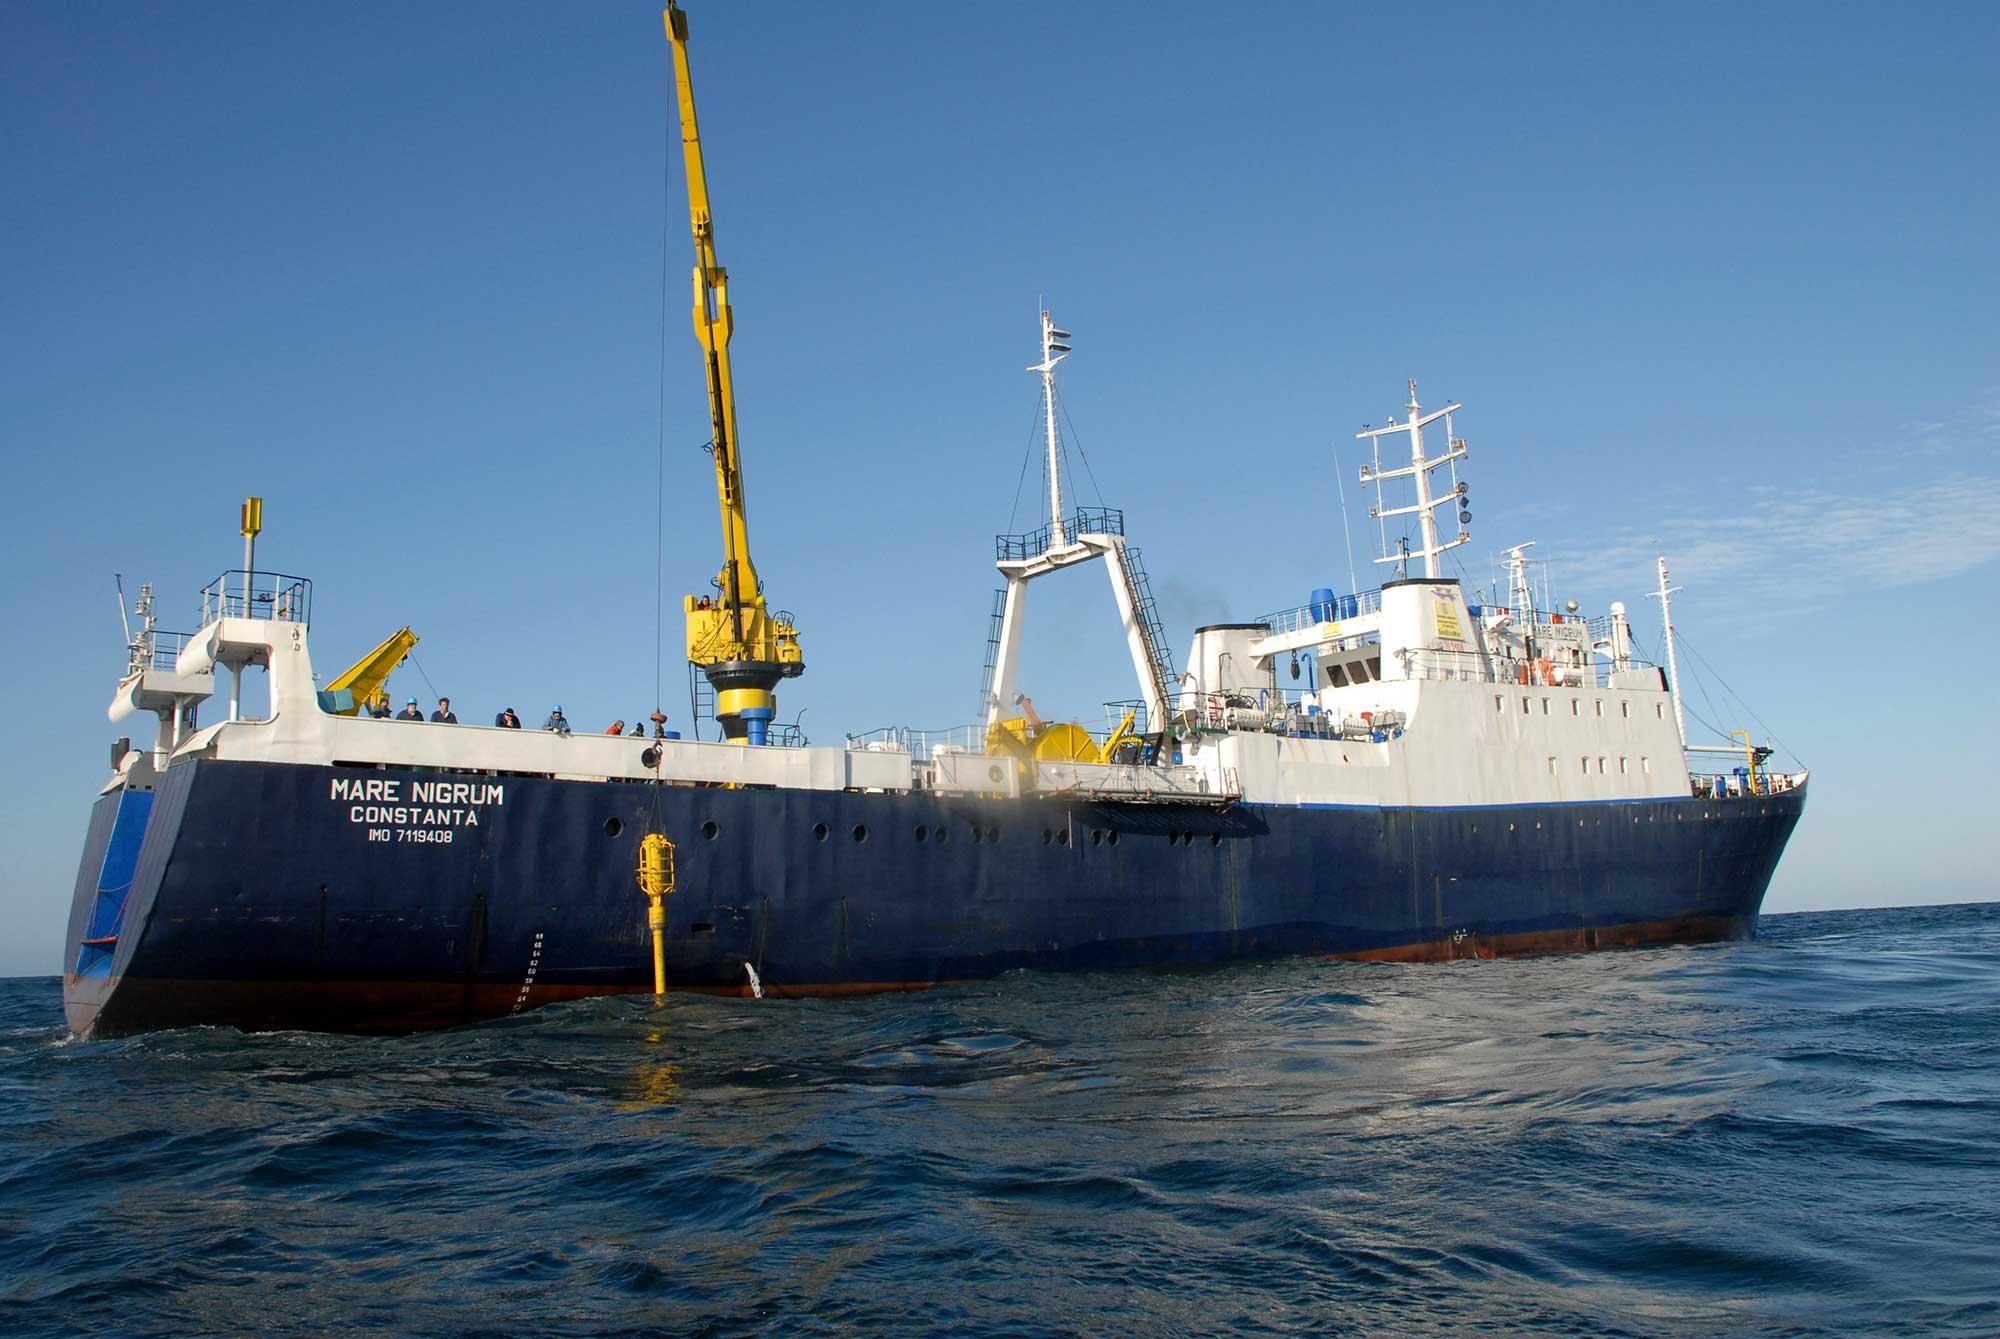 Nava Mare Nigrum este principala platformă a GeoEcoMar pentru cercetările științifice în Marea Neagră